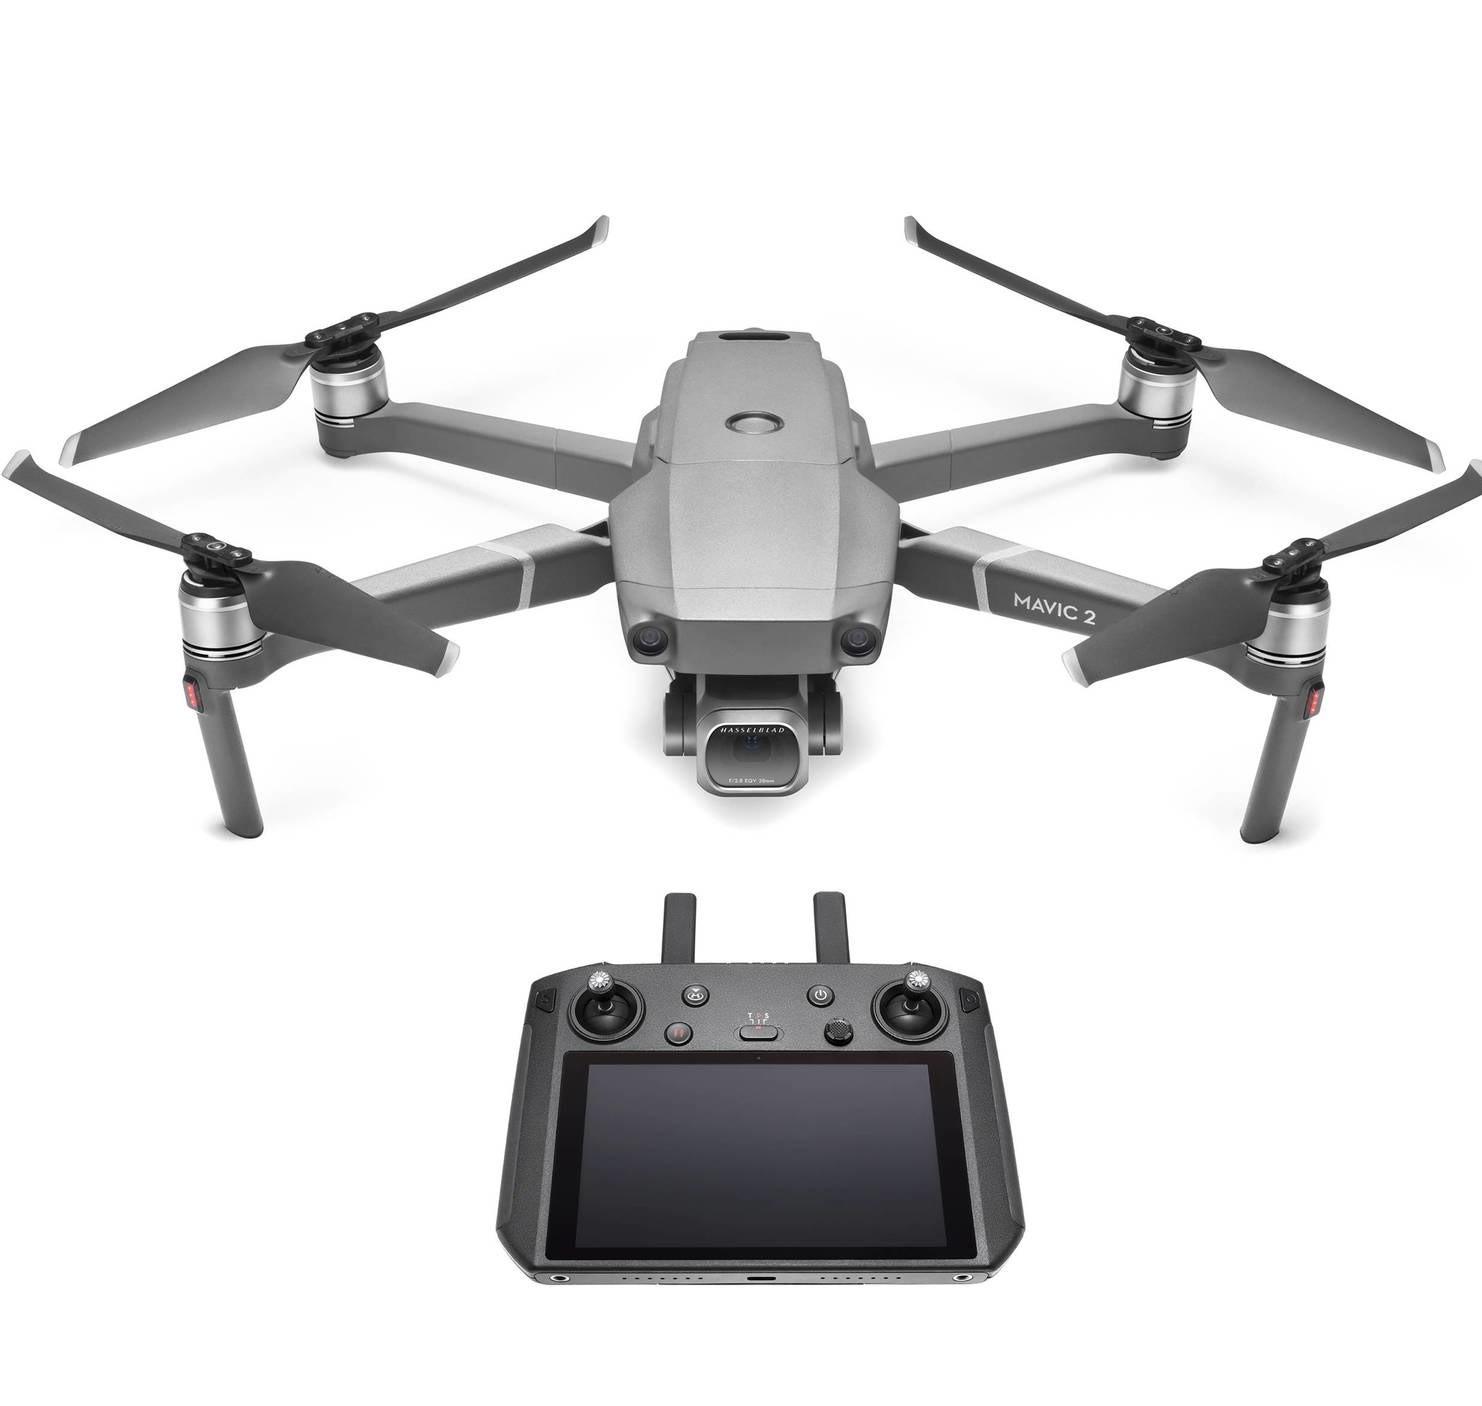 BUNCP.MA .00000012.0176903 2 55104892u320948u0932840923 | In present Latest drone